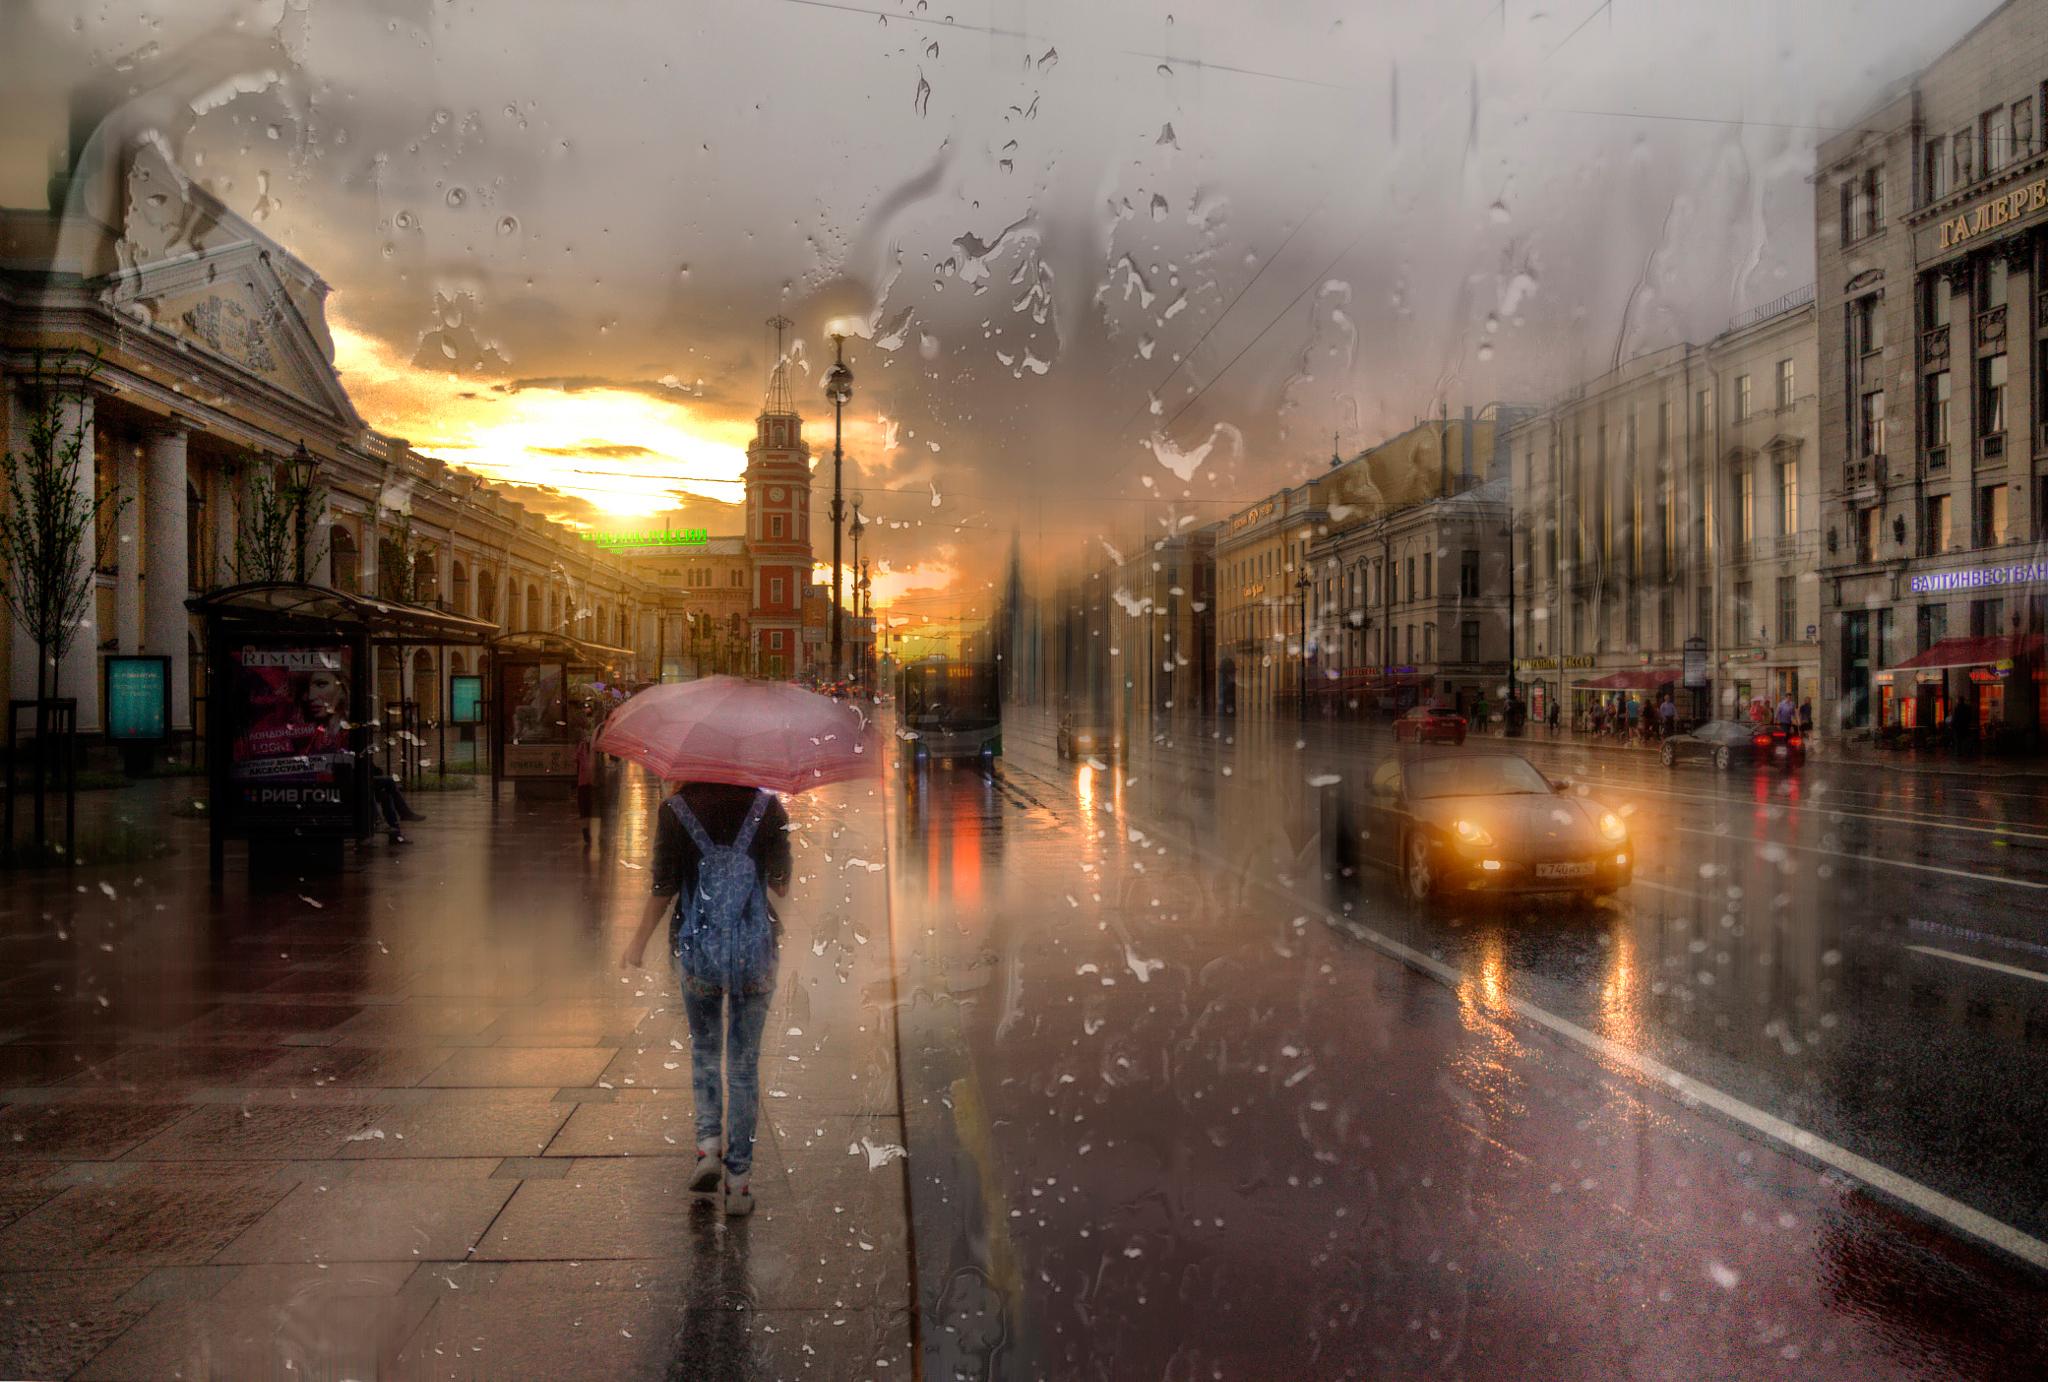 Картинка город в дожде